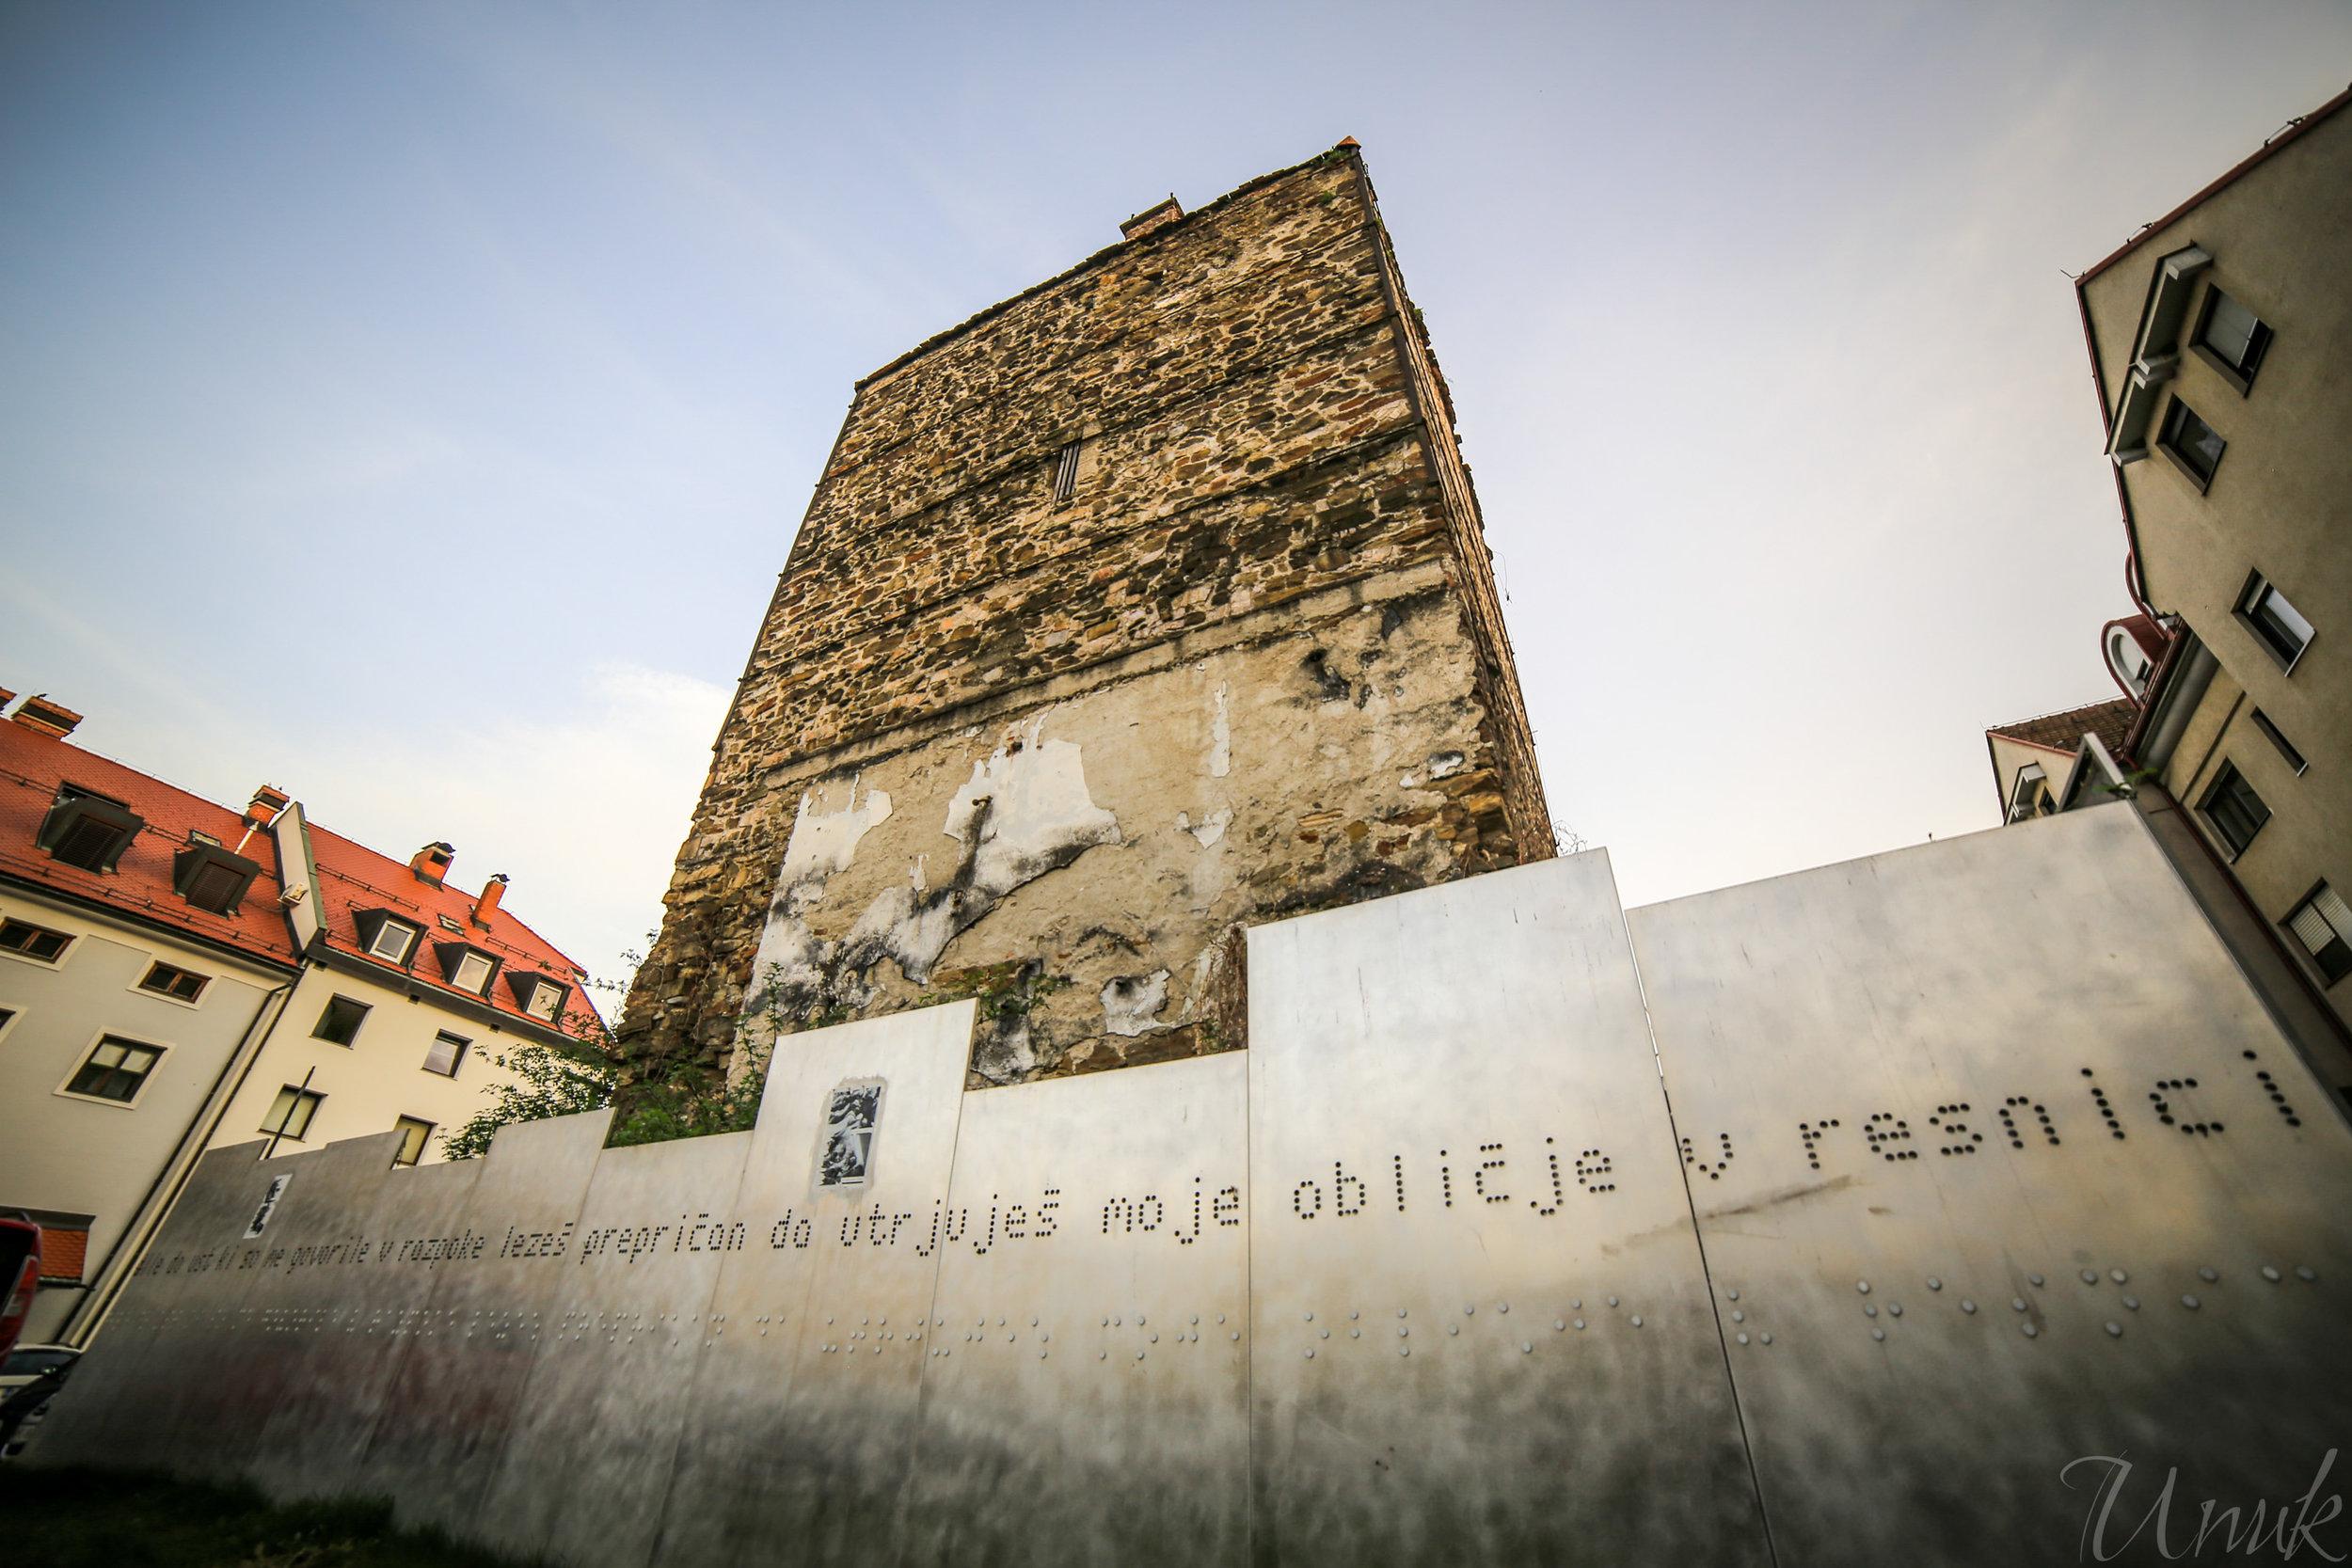 Foto: Igor Unuk - Čeligi Tower